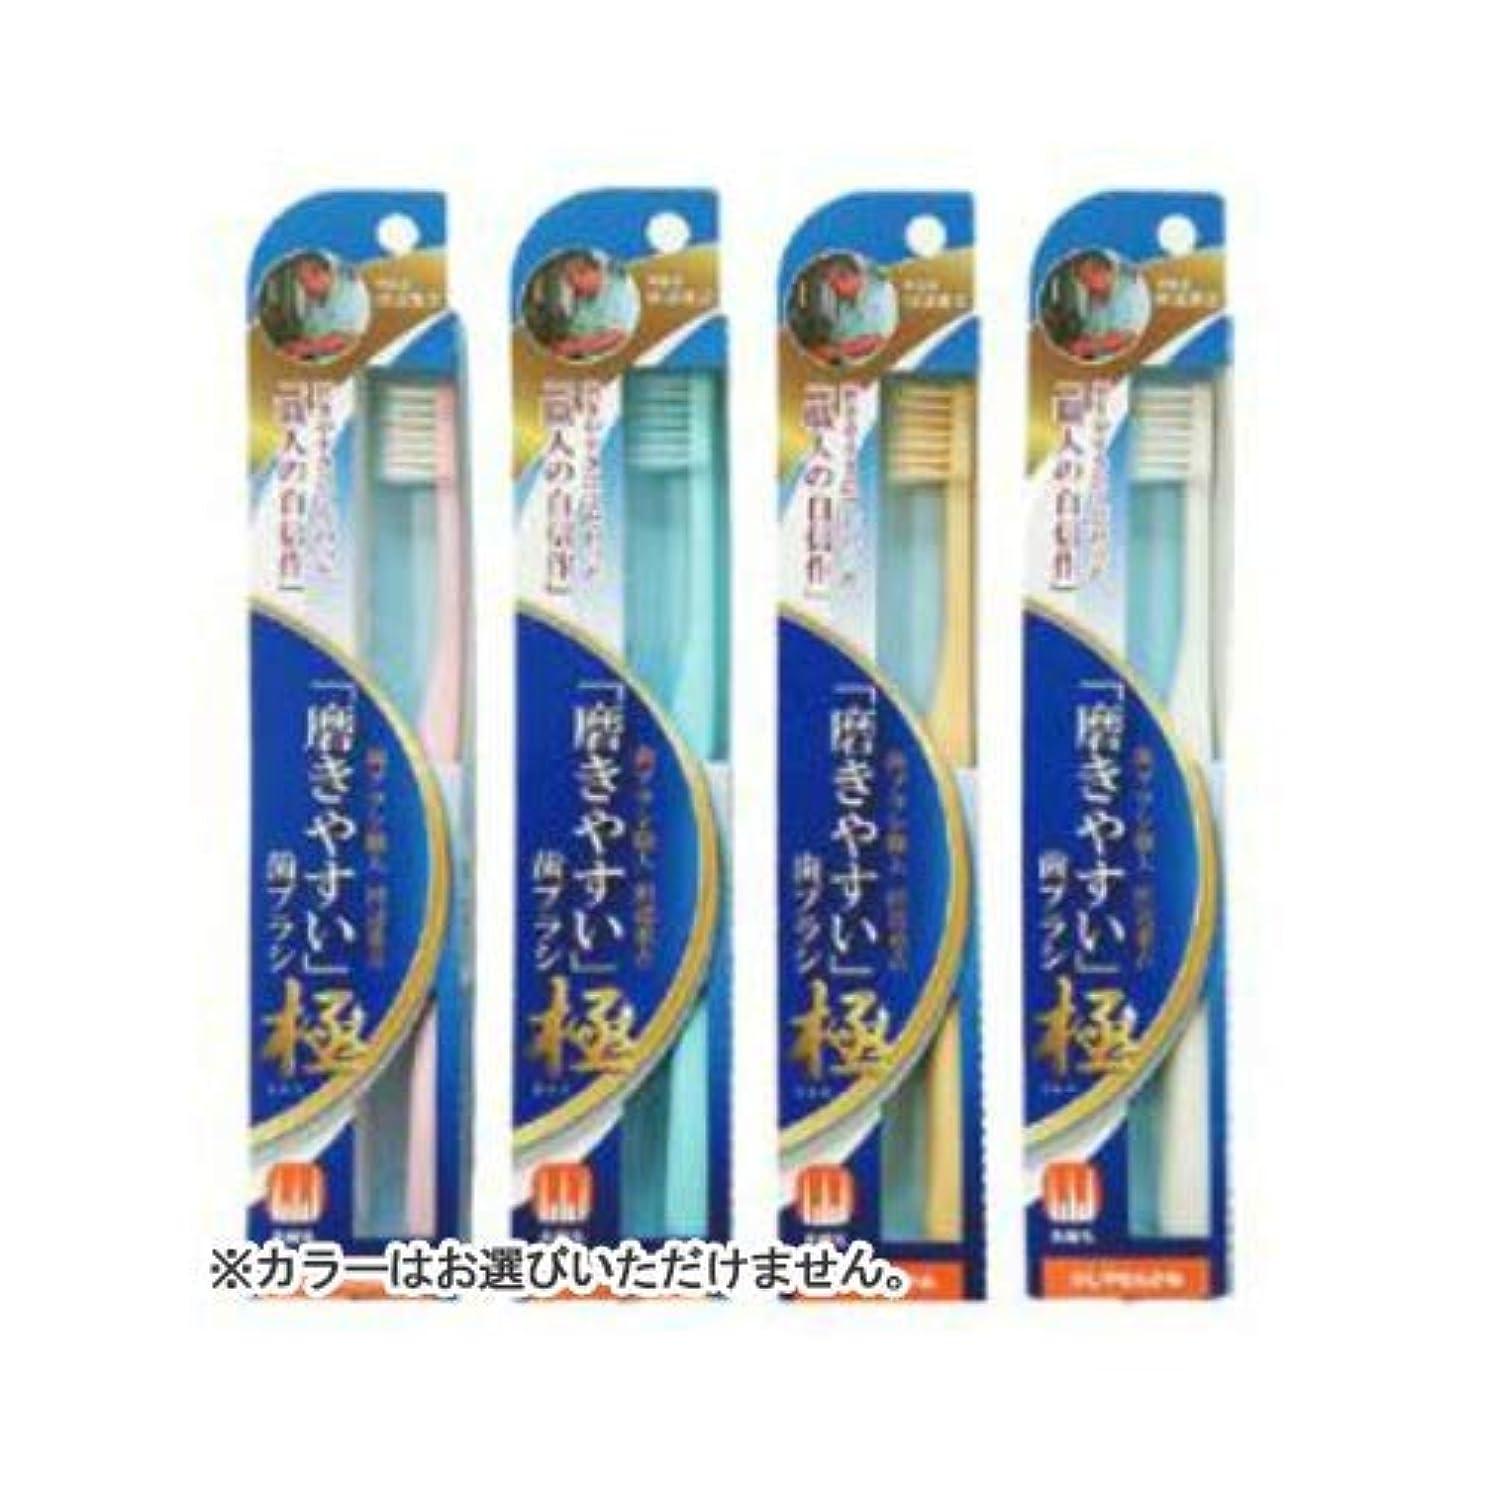 ナサニエル区暴露するタヒチLT-43磨きやすい歯ブラシ極 少しやわらかめ × 12個セット